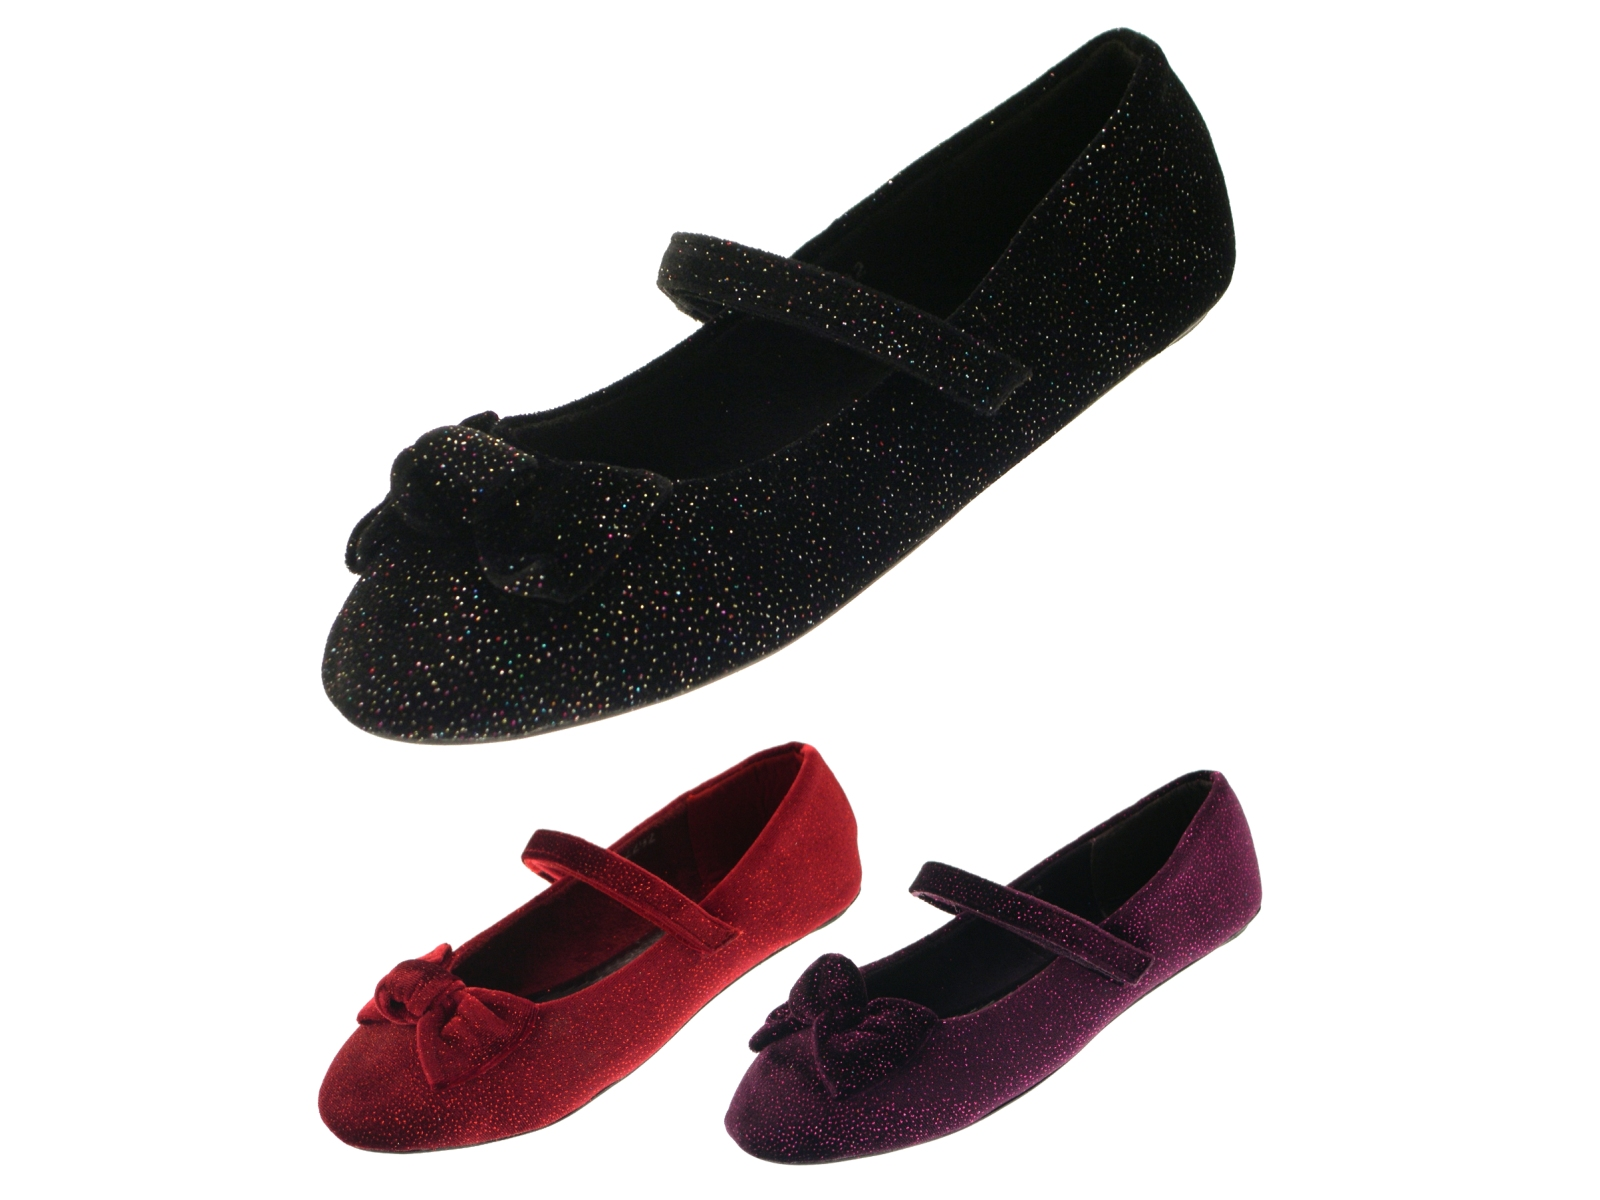 Classic Black Flat Shoes